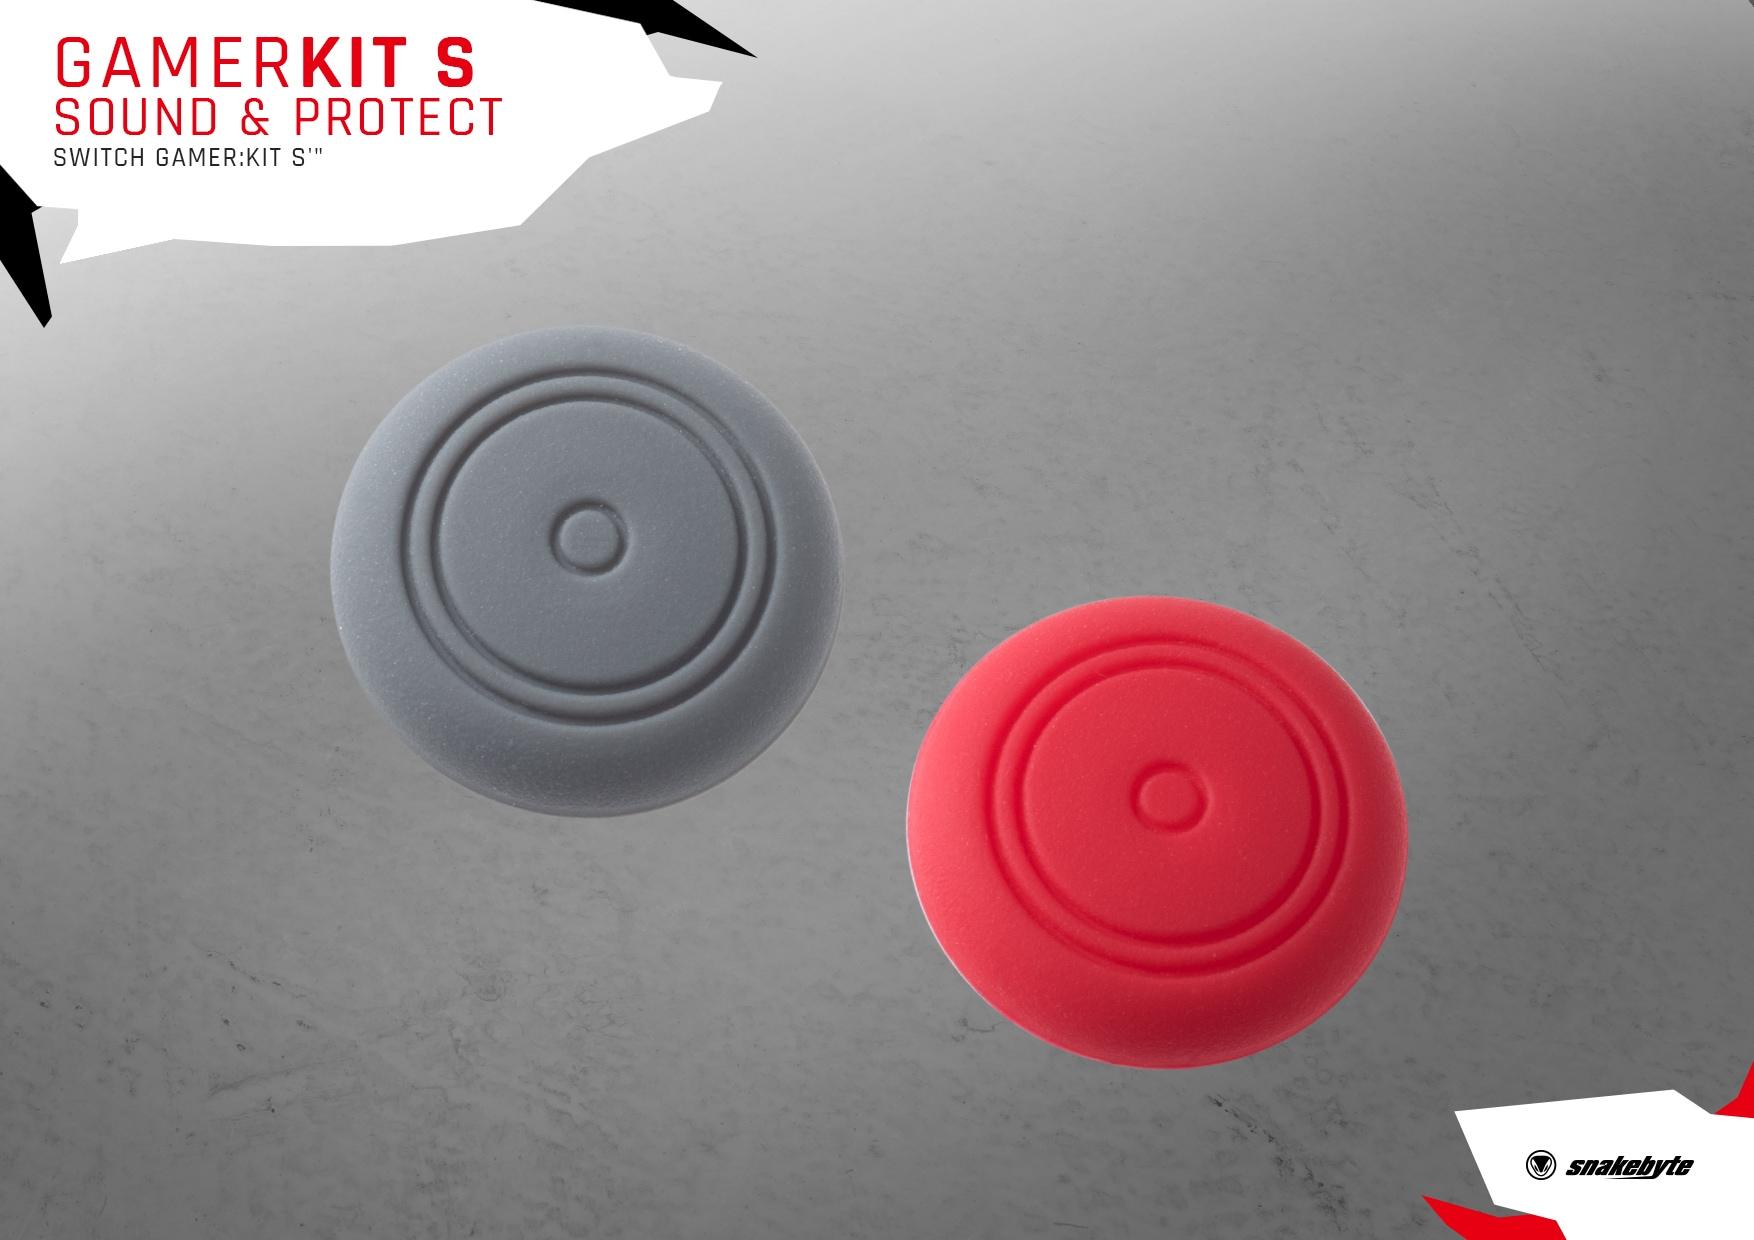 snakebyte słuchawki z zestawem akcesoriów Nintendo Switch GAMER KIT S ™ SOUND & PROTECT - 5